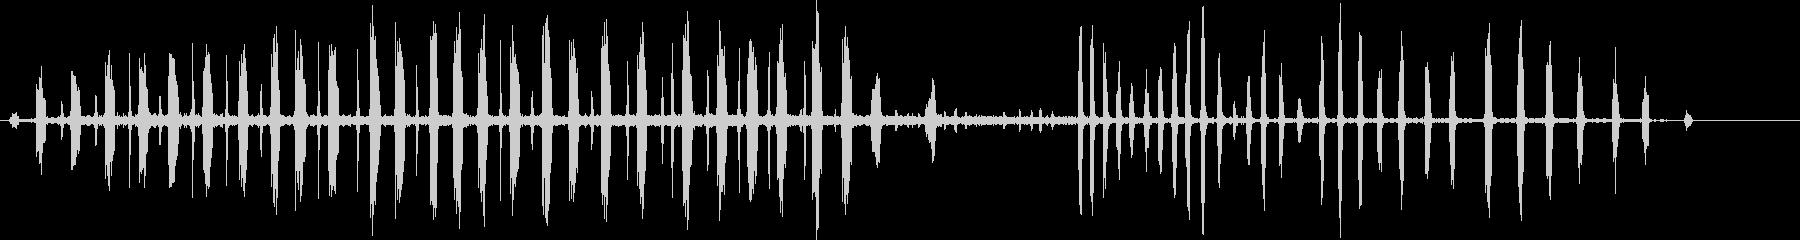 ヤマネの未再生の波形